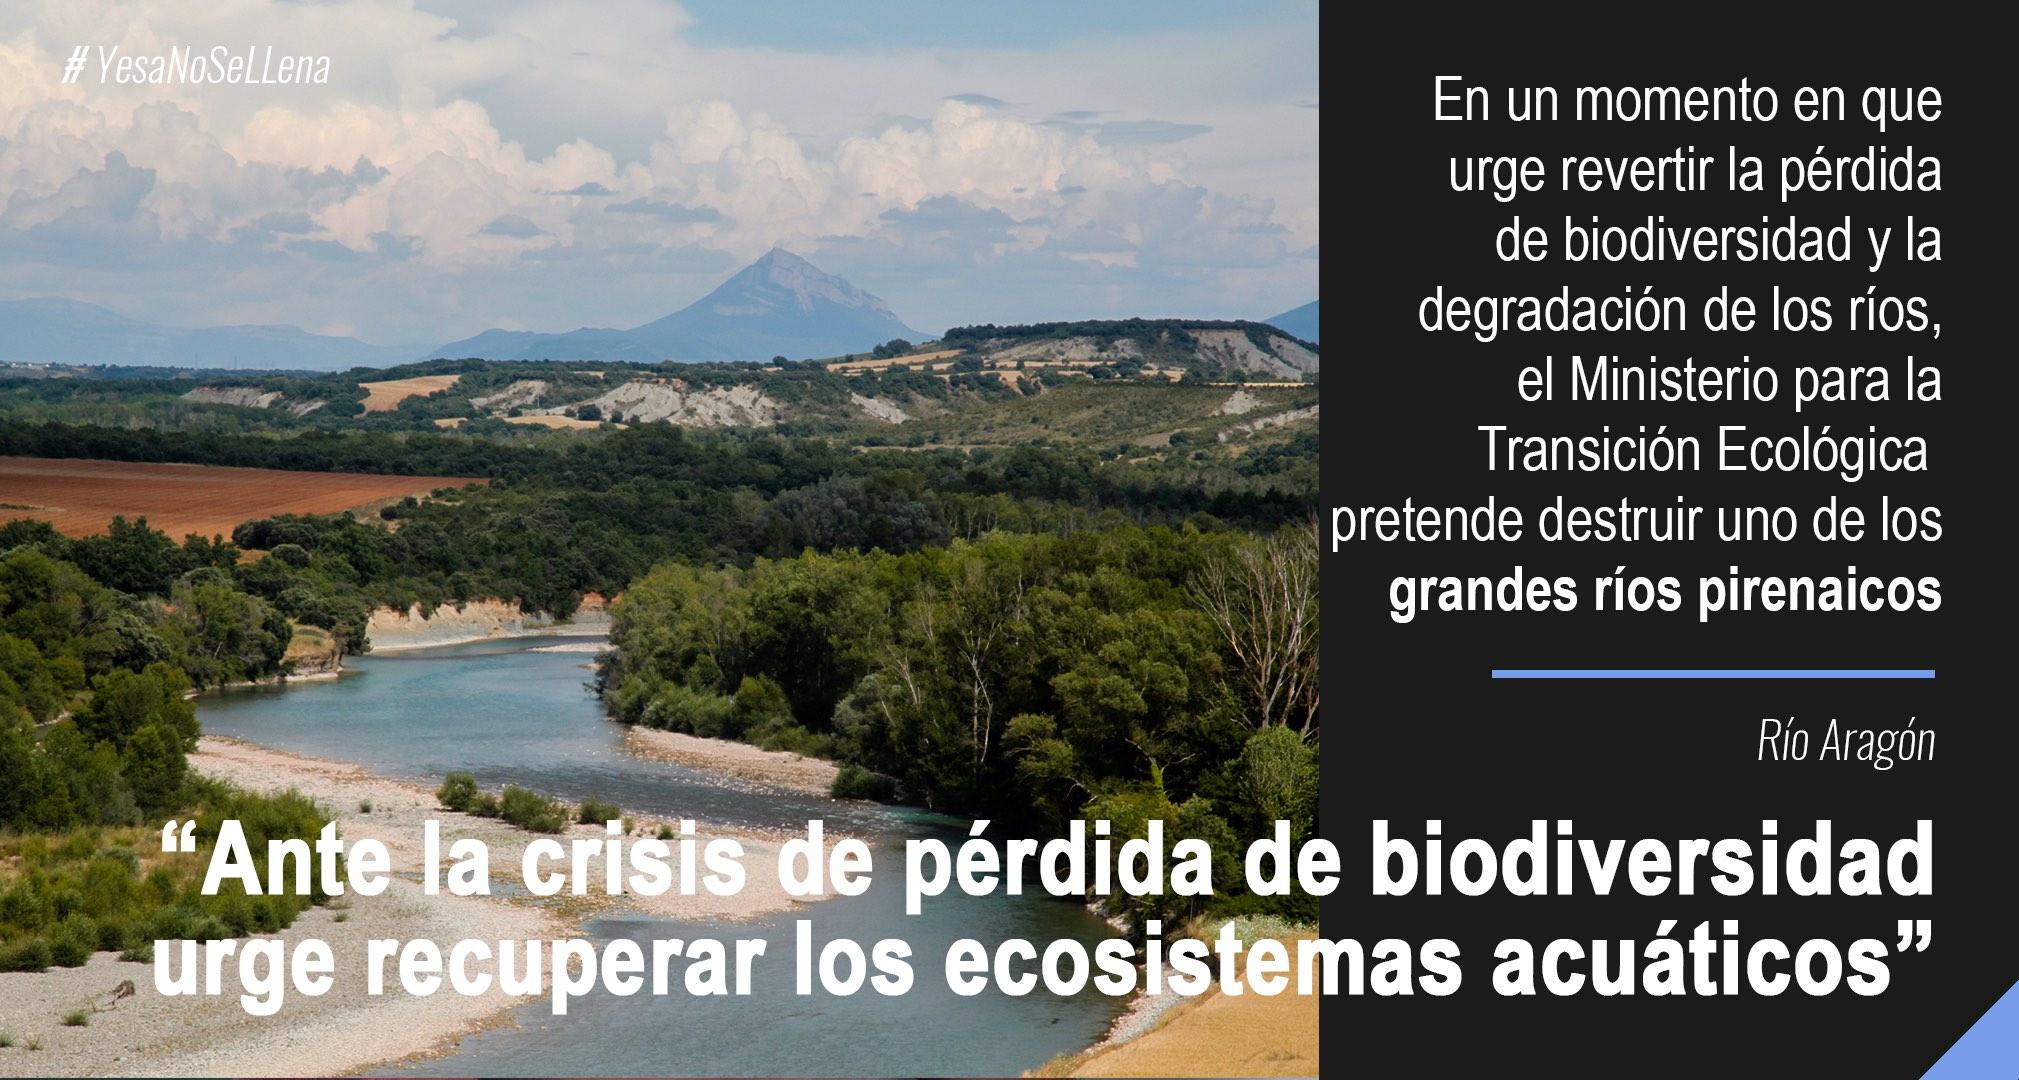 Infografías clima y agua Pérdida biodiversidad yesa recrecimiento